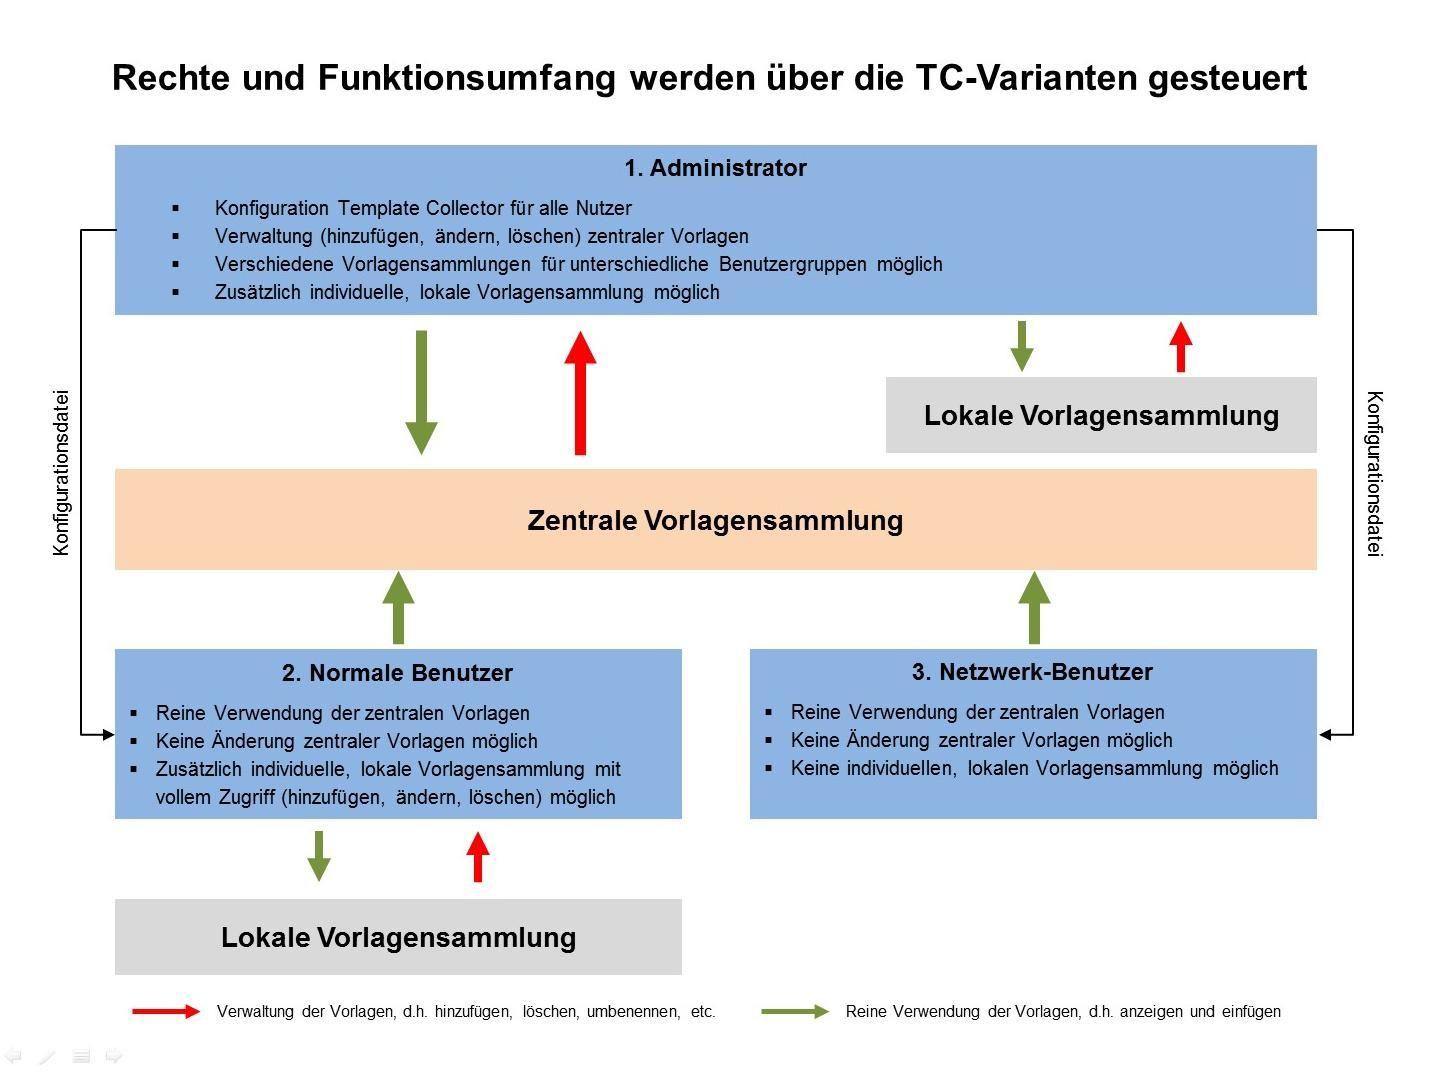 Template Collector - Funktionsweise der verschiedenen Varianten